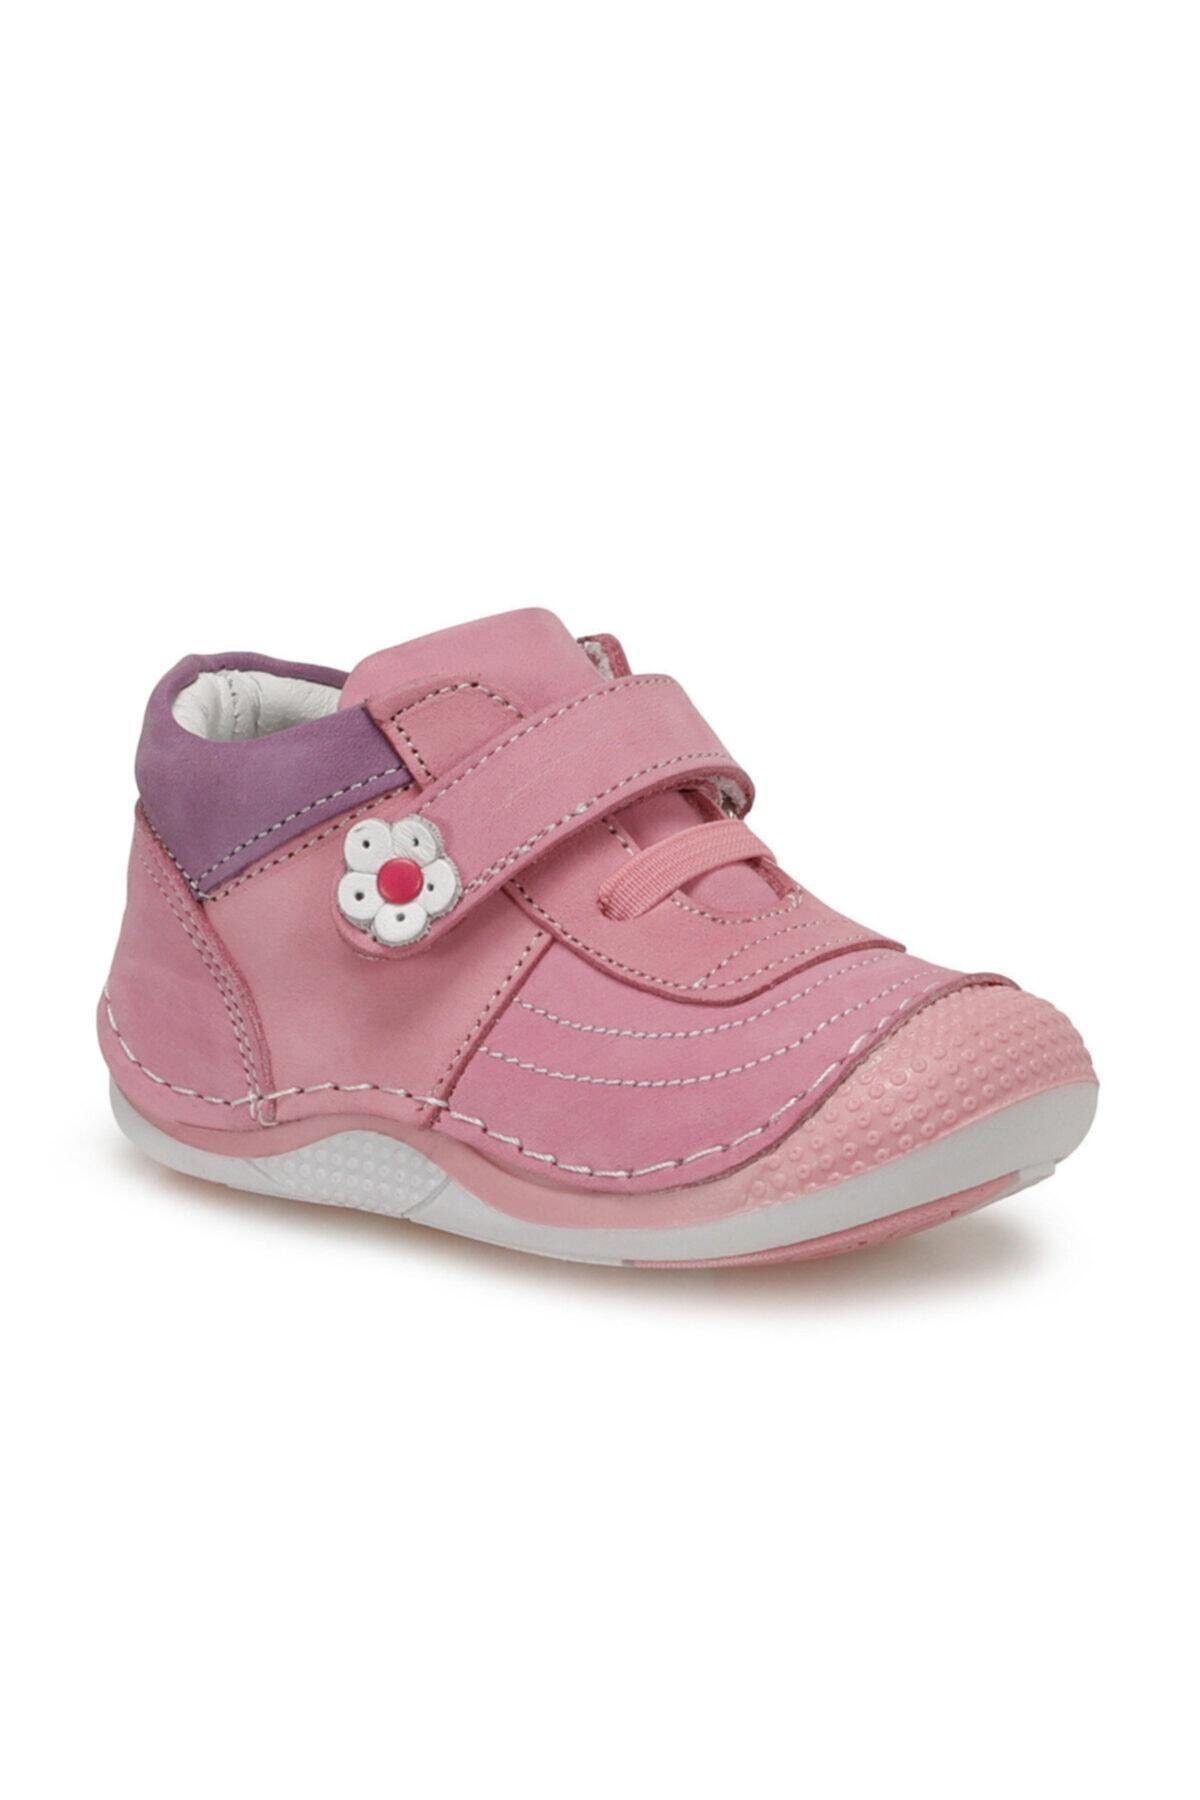 Polaris 612113.I Pembe Kız Çocuk Ayakkabı 100558304 1